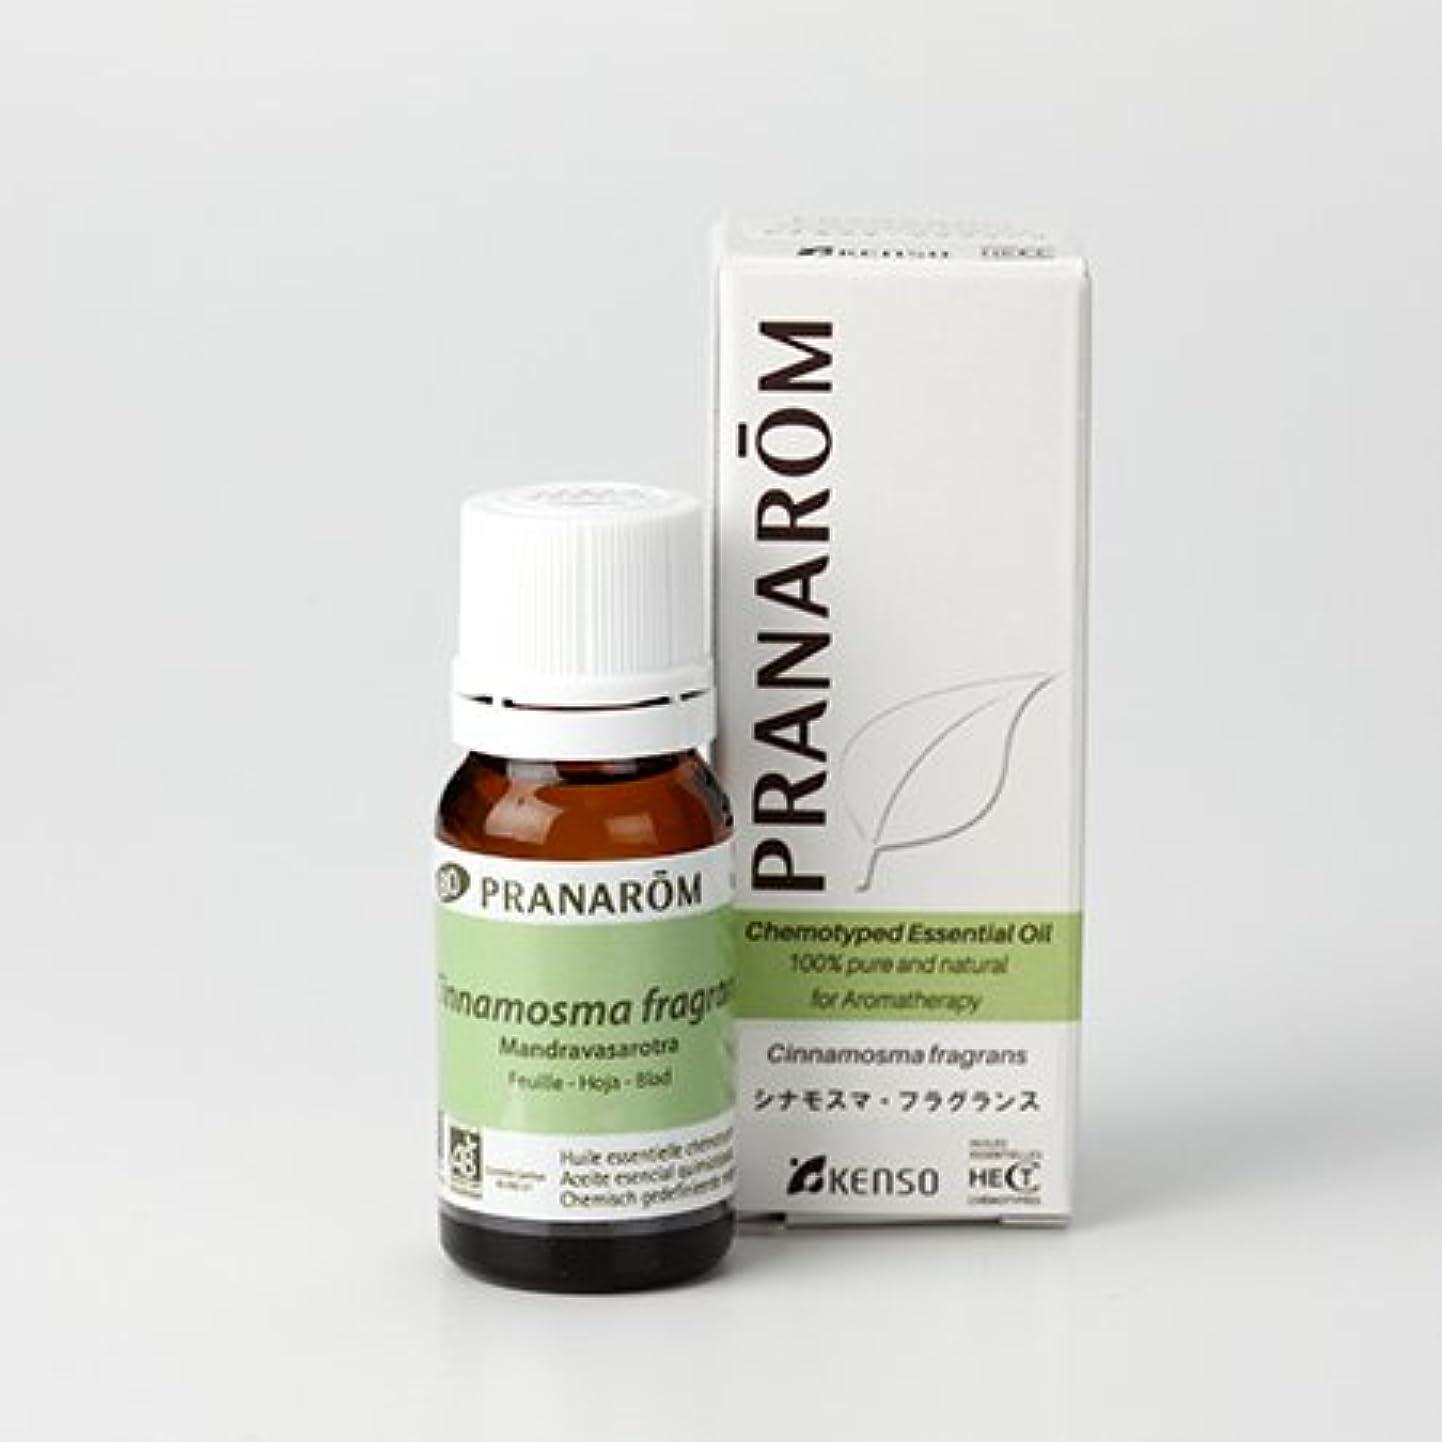 アダルトエネルギー一致するプラナロム ( PRANAROM ) 精油 シナモスマ?フラグランス 10ml p-32